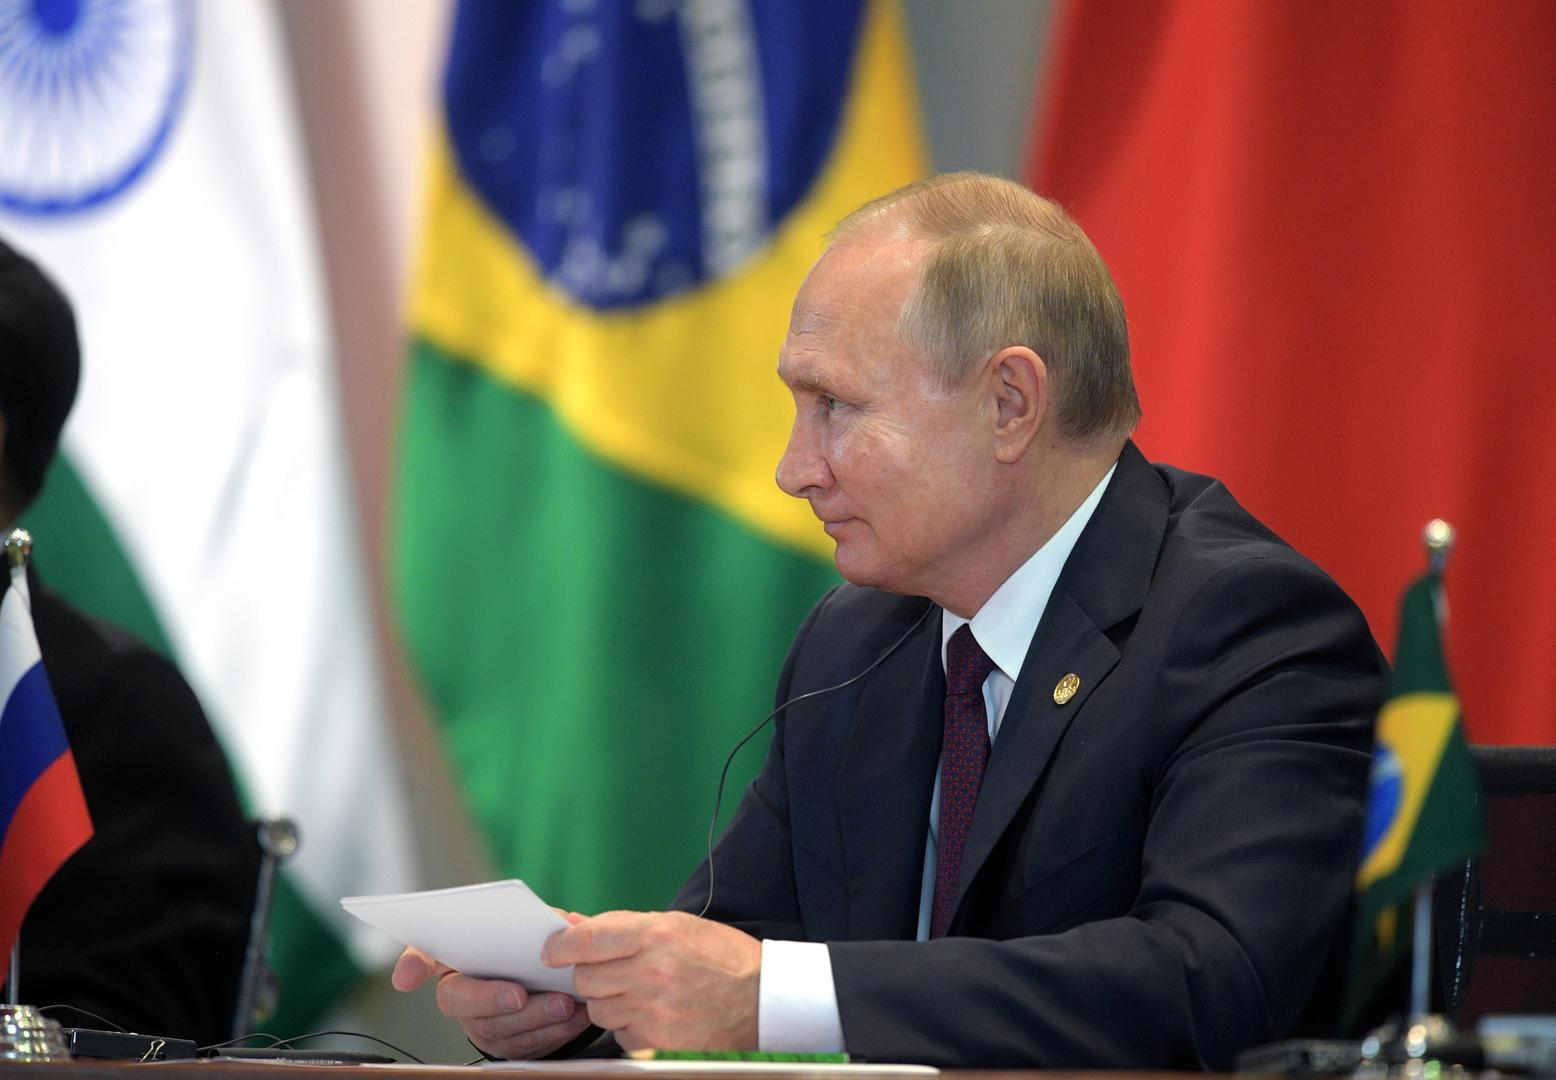 بوتين: موقف السعودية الصارم من خفض إنتاج النفط مرتبط بالطرح العام الأولي لـ